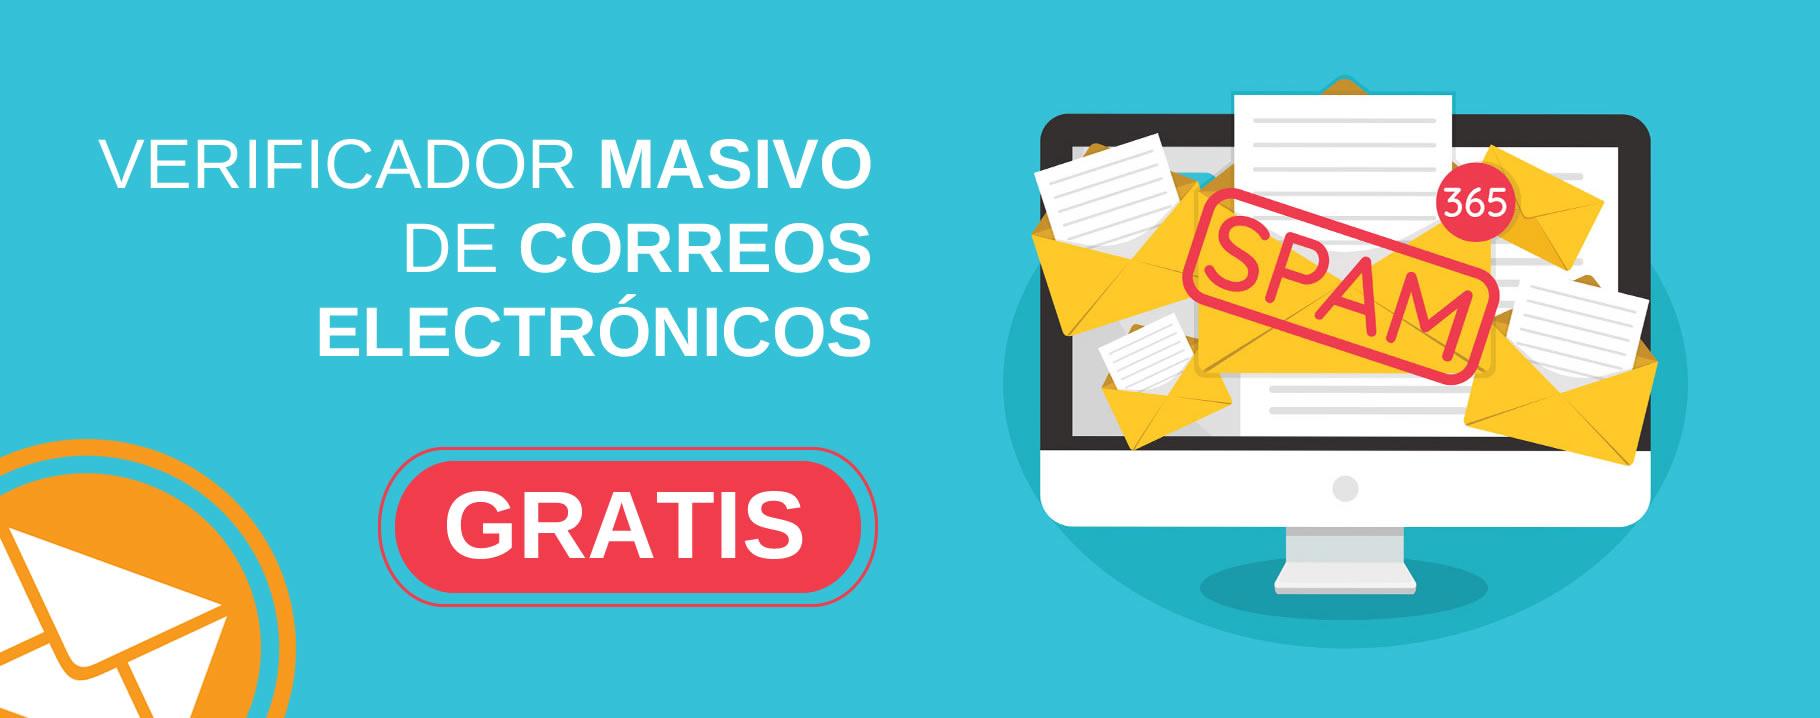 📨 Verificador masivo de email Gratis 📨